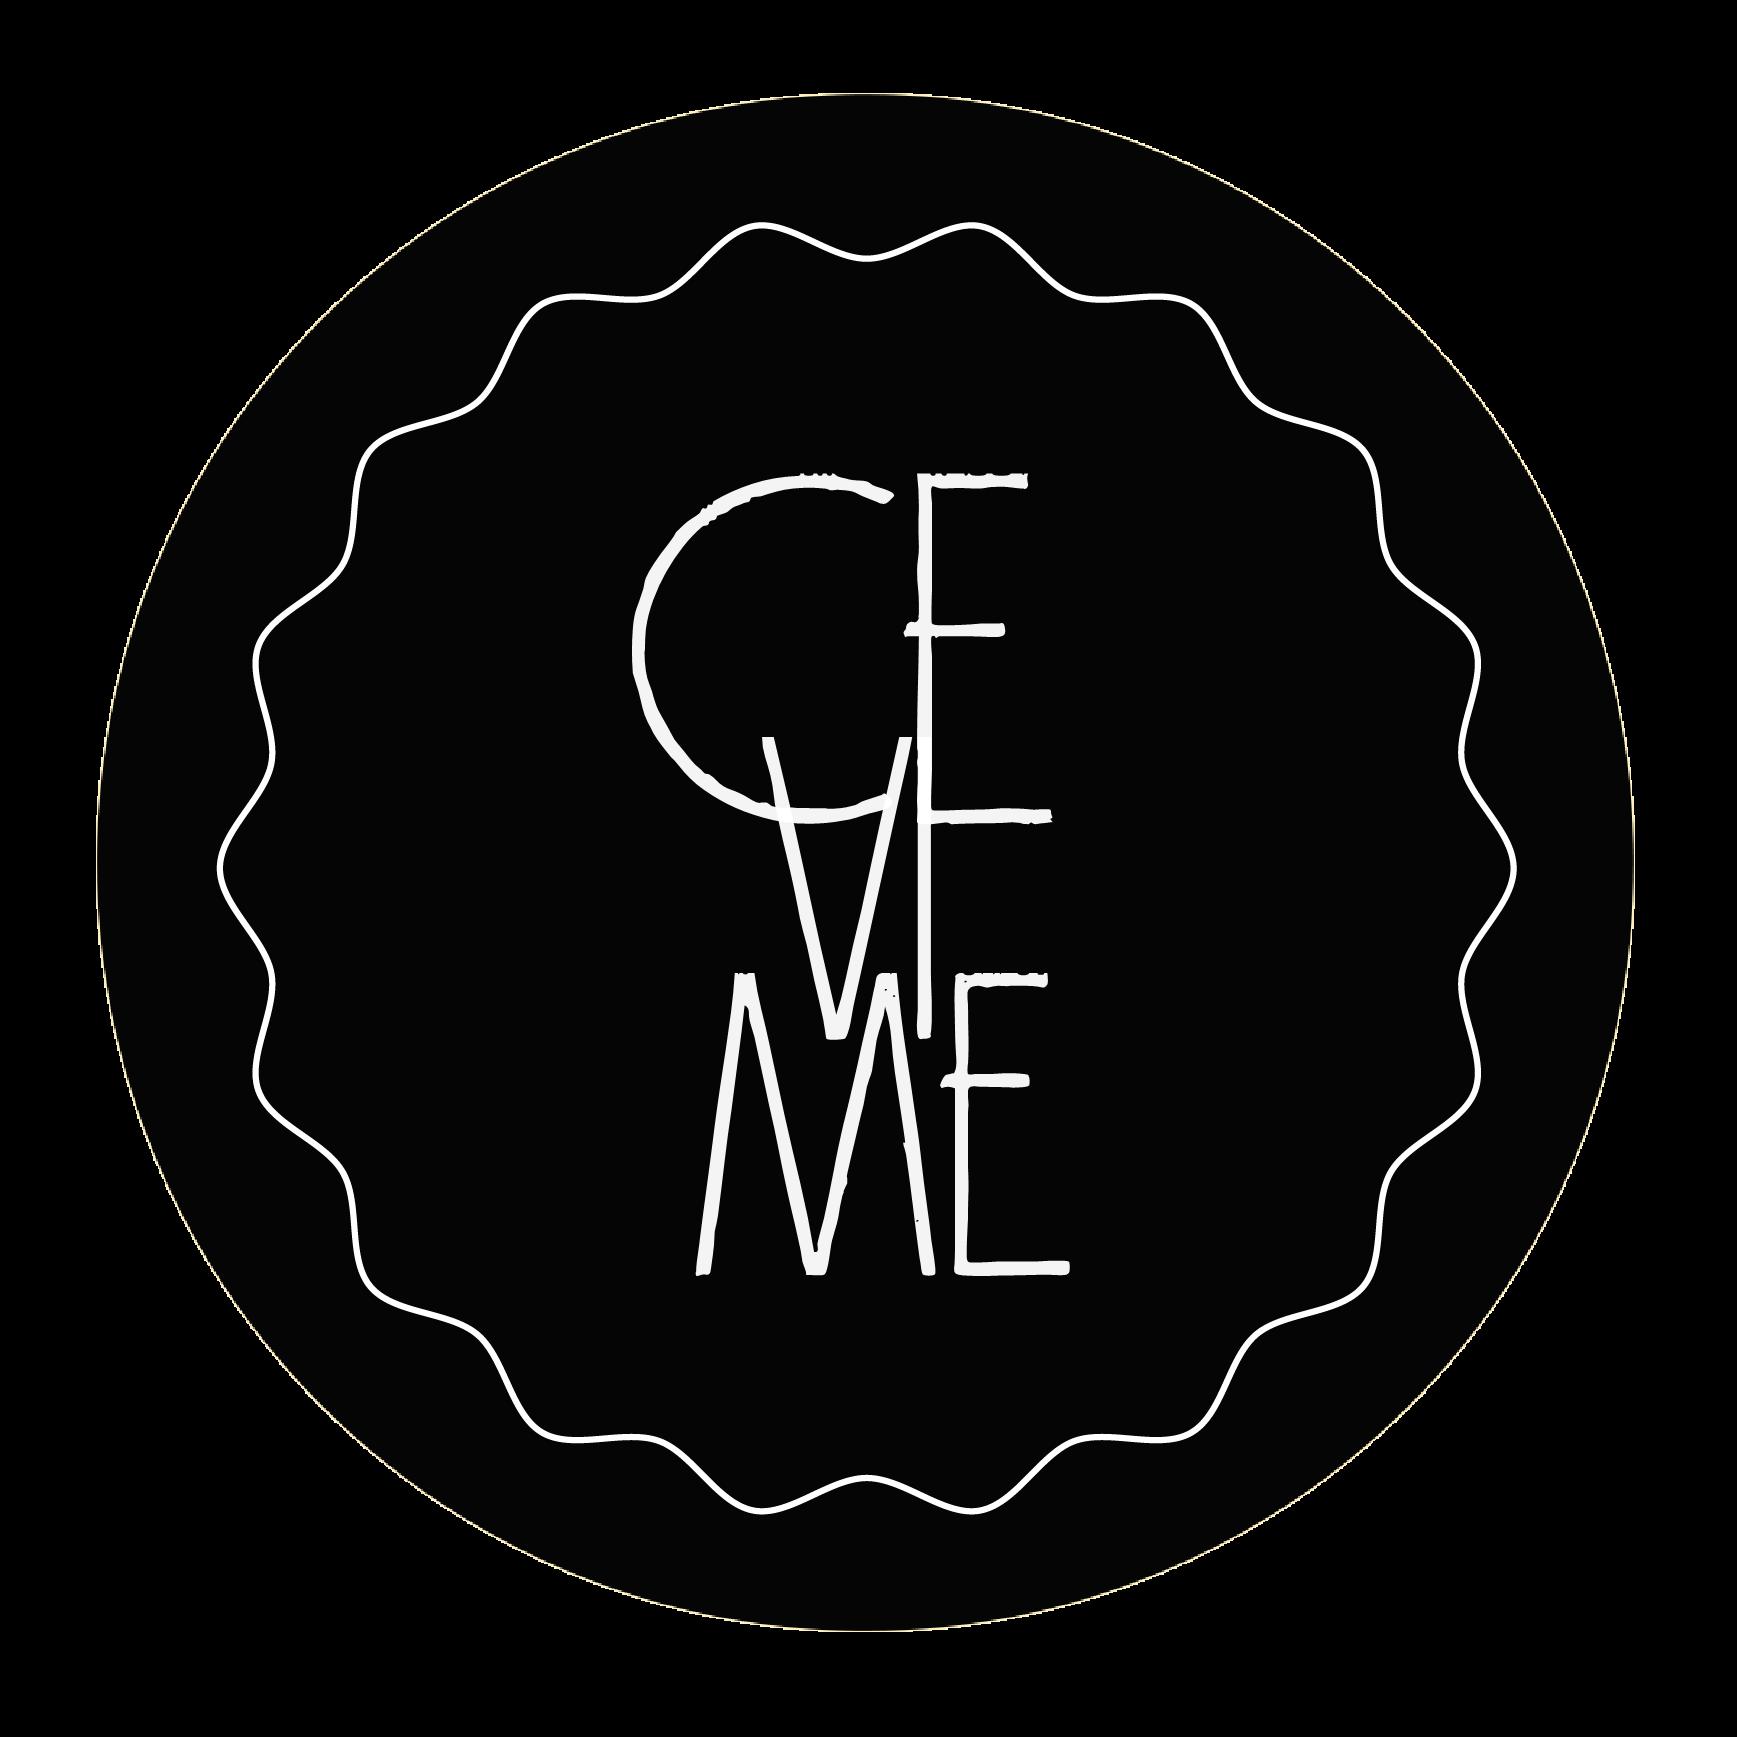 CEVIME - Centro Virtual de Multimídias em Educação